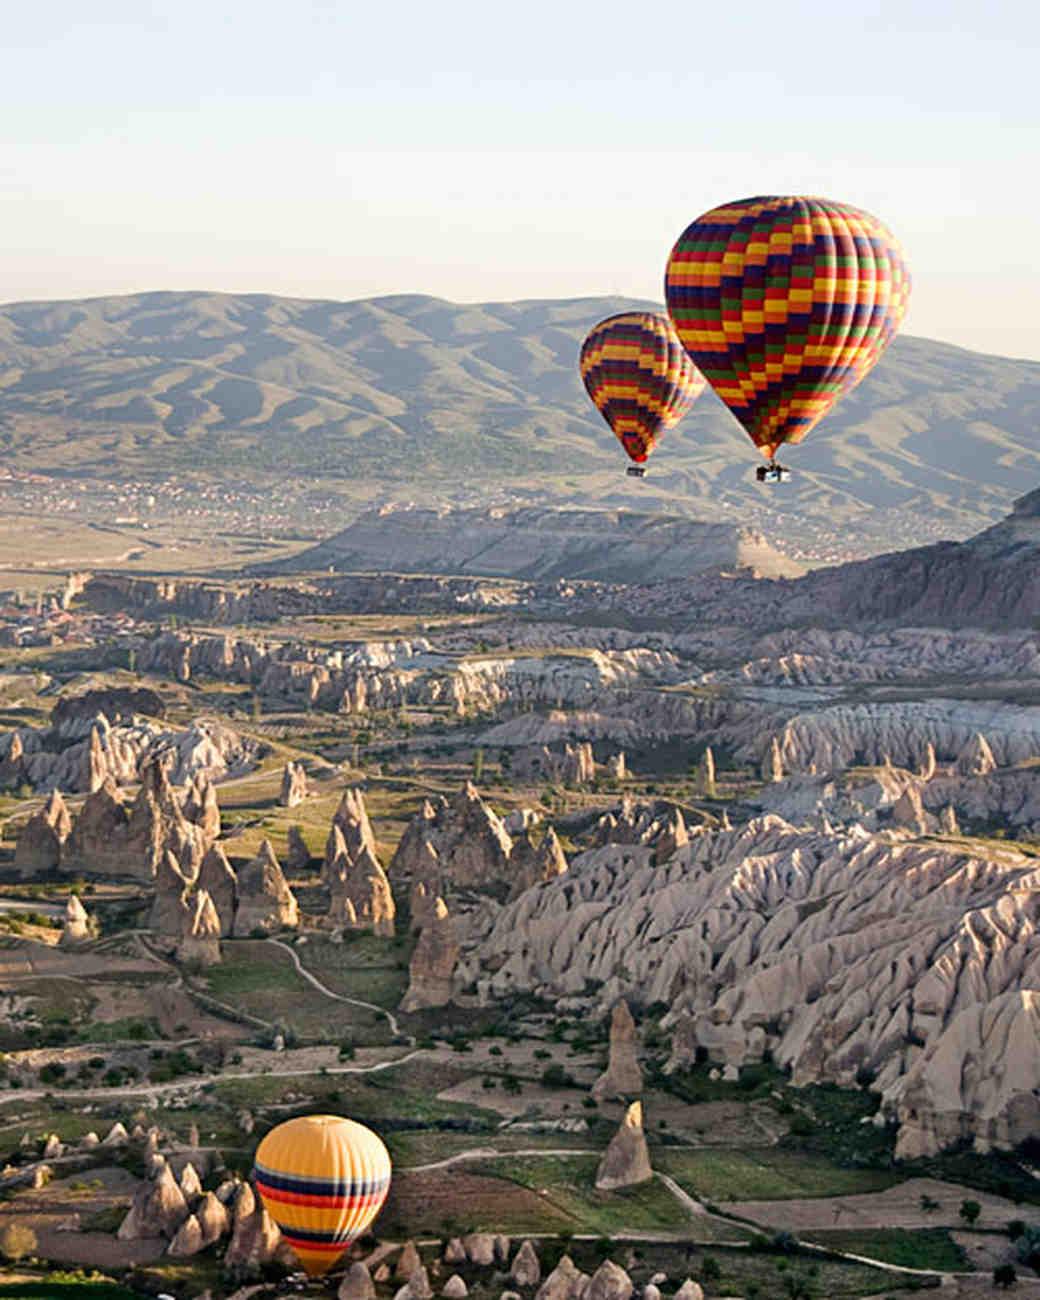 istock_13082927_hotair_balloon.jpg